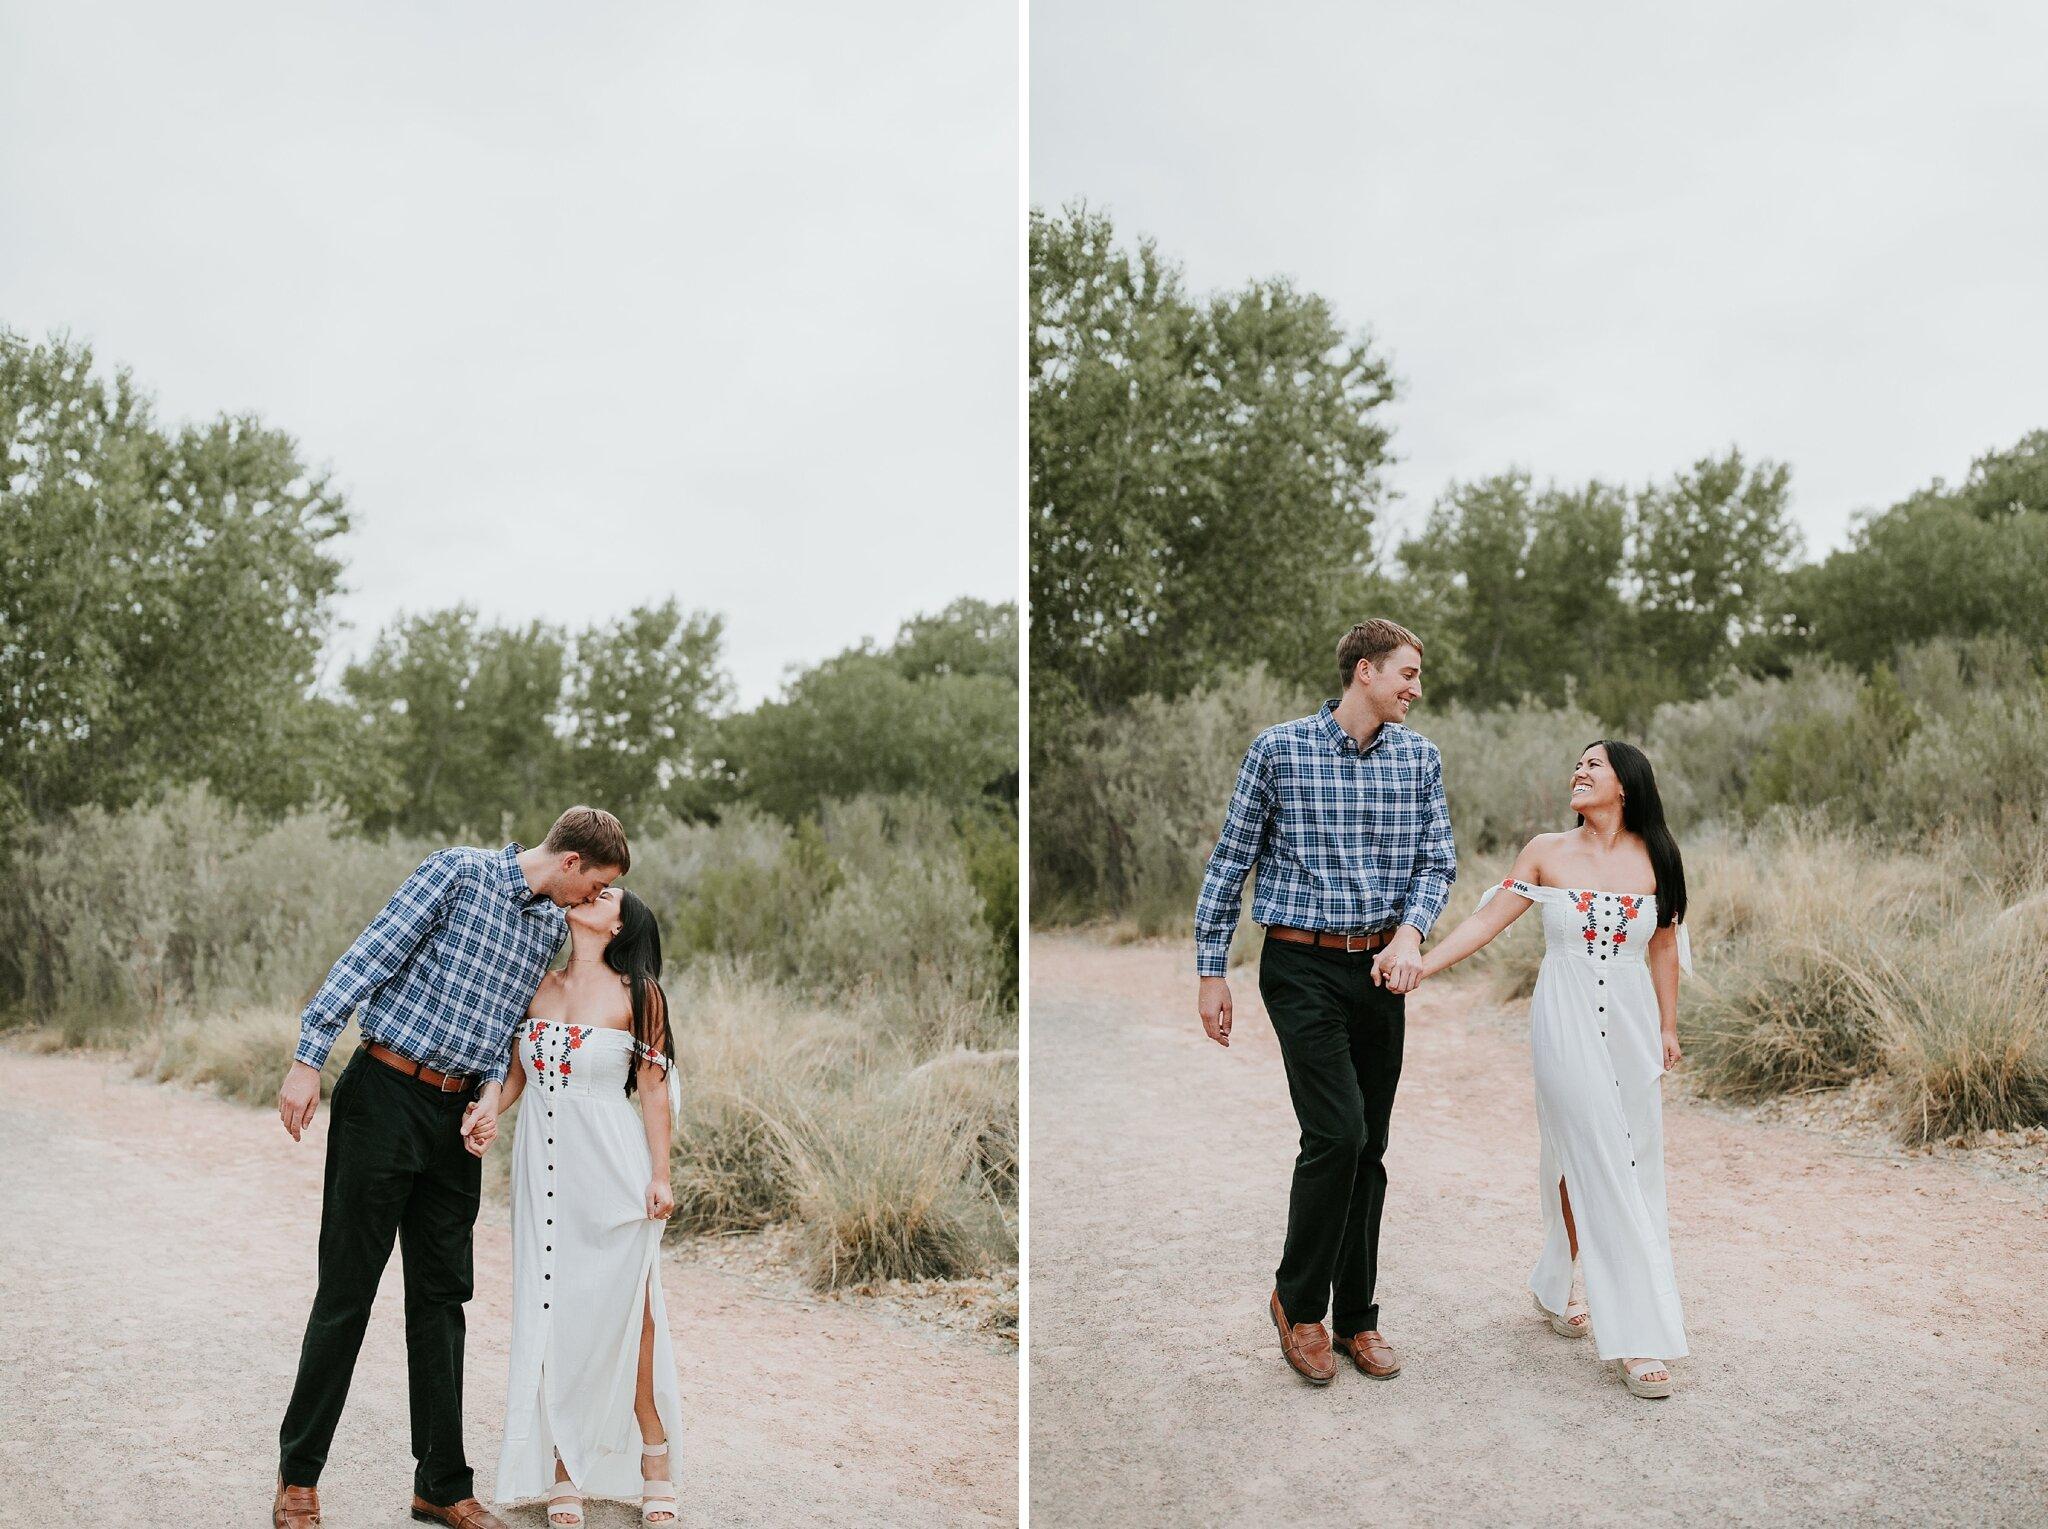 Alicia+lucia+photography+-+albuquerque+wedding+photographer+-+santa+fe+wedding+photography+-+new+mexico+wedding+photographer+-+new+mexico+wedding+-+engagement+-+desert+engagement+-+new+mexico+engagement+-+new+mexico+desert+engagement_0044.jpg